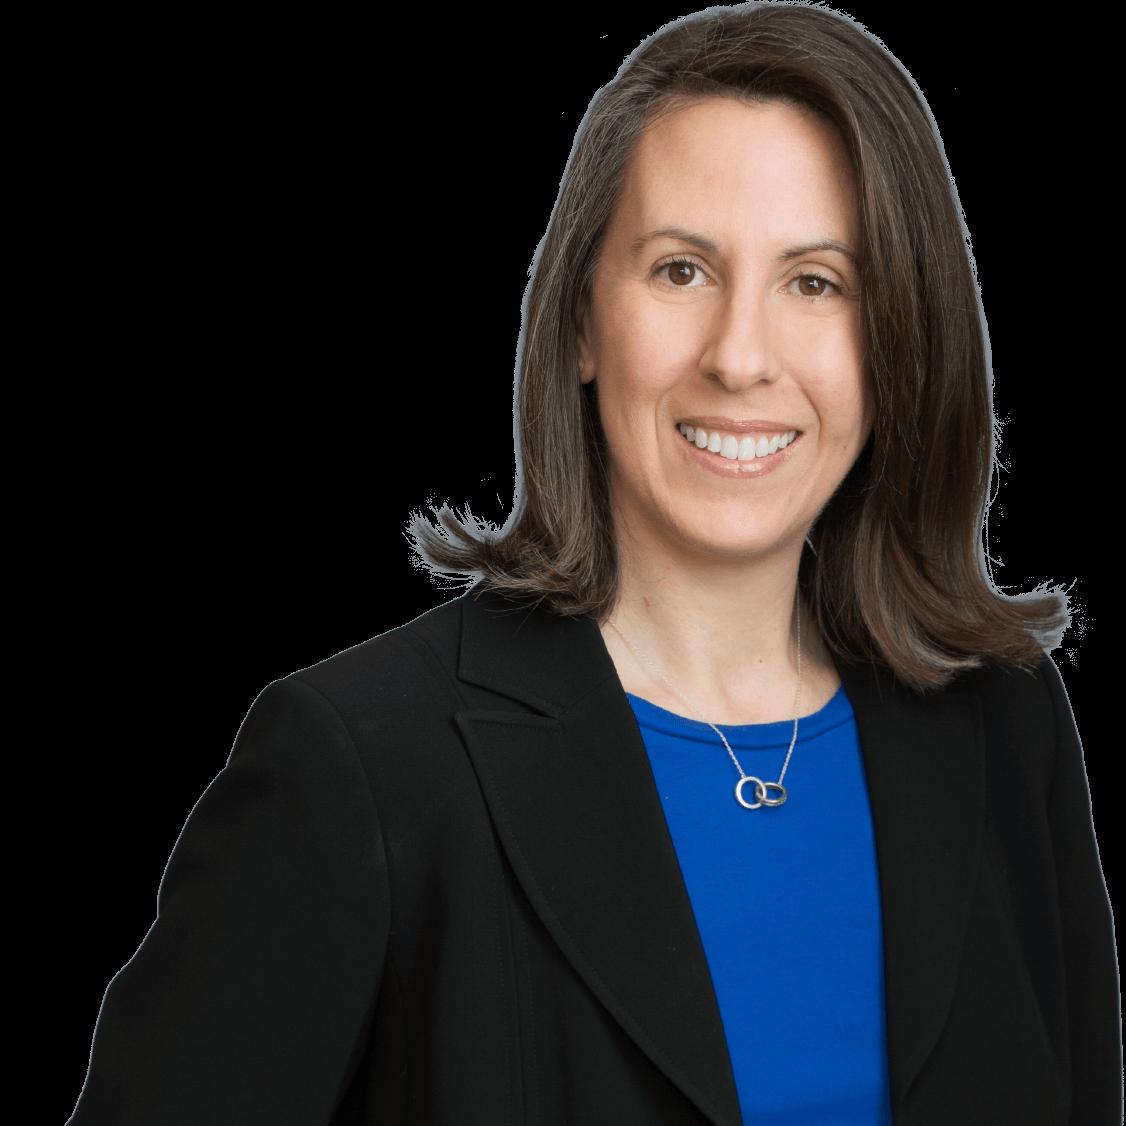 Christina L. Raskin